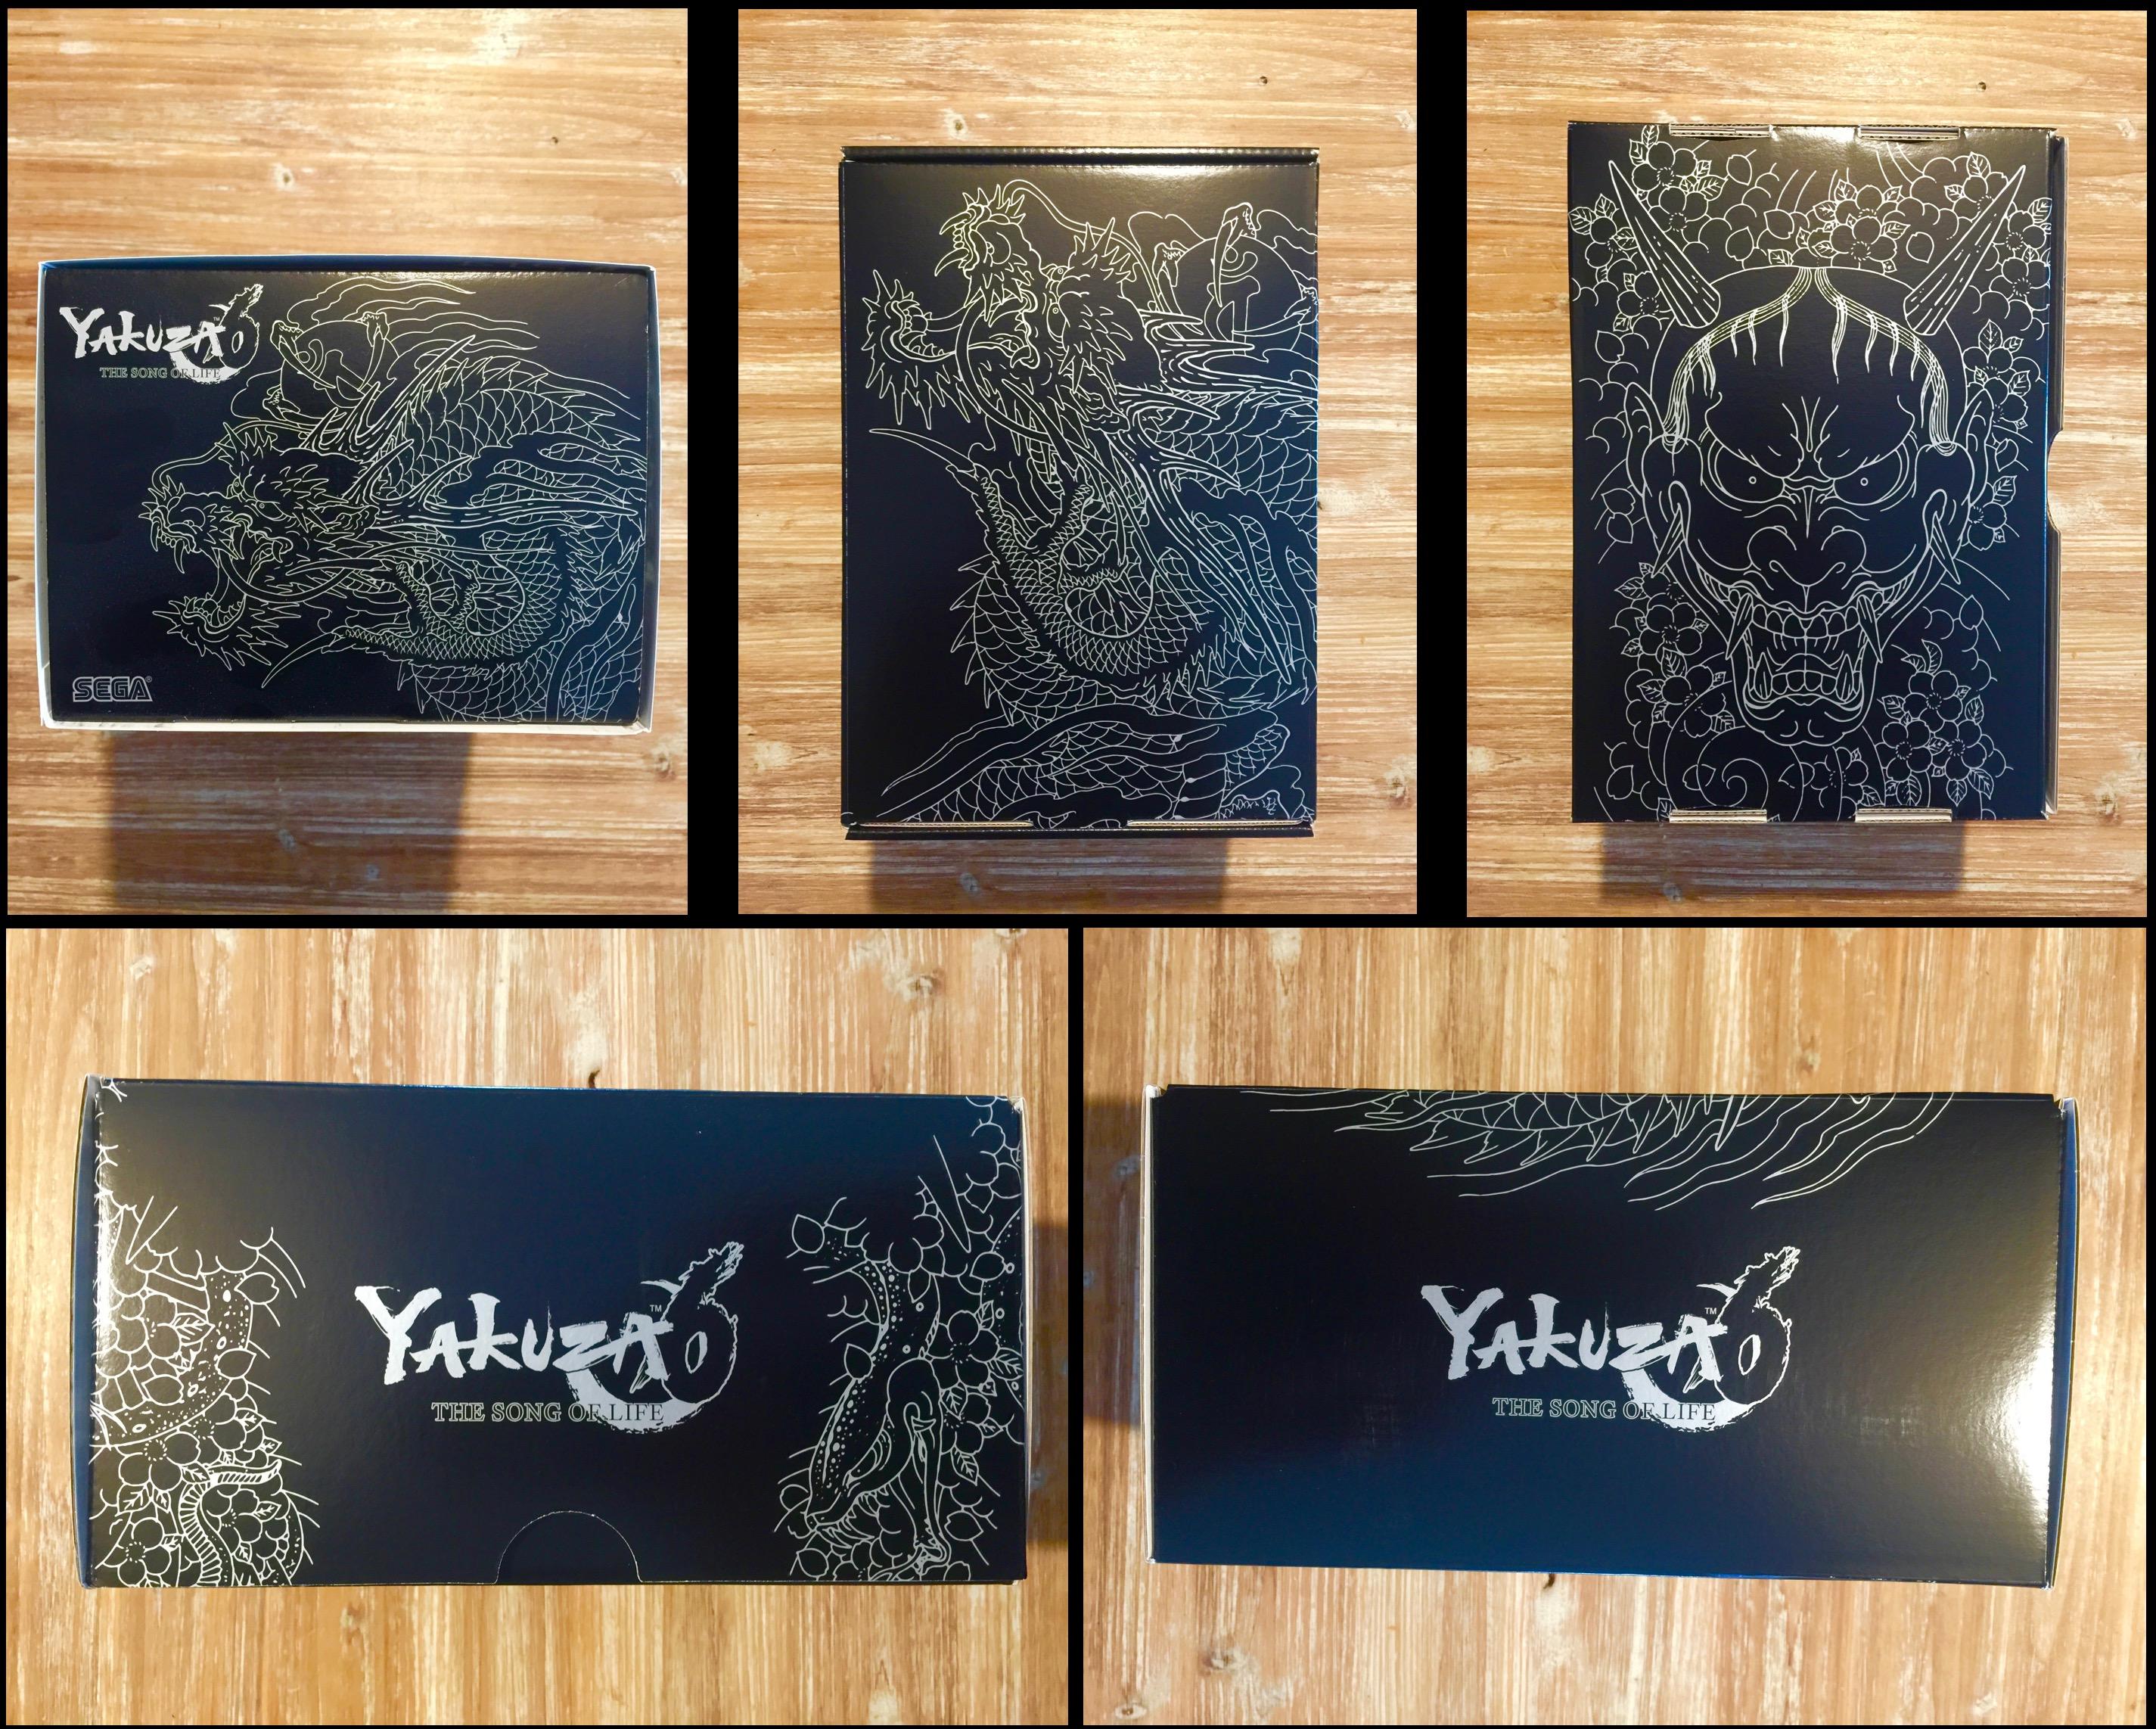 D'un noir profond, sont dessinés dessus toute l'essence du dragon de Dojima, comme souvent un rappel aux tatouages de notre héros. Magnifique.